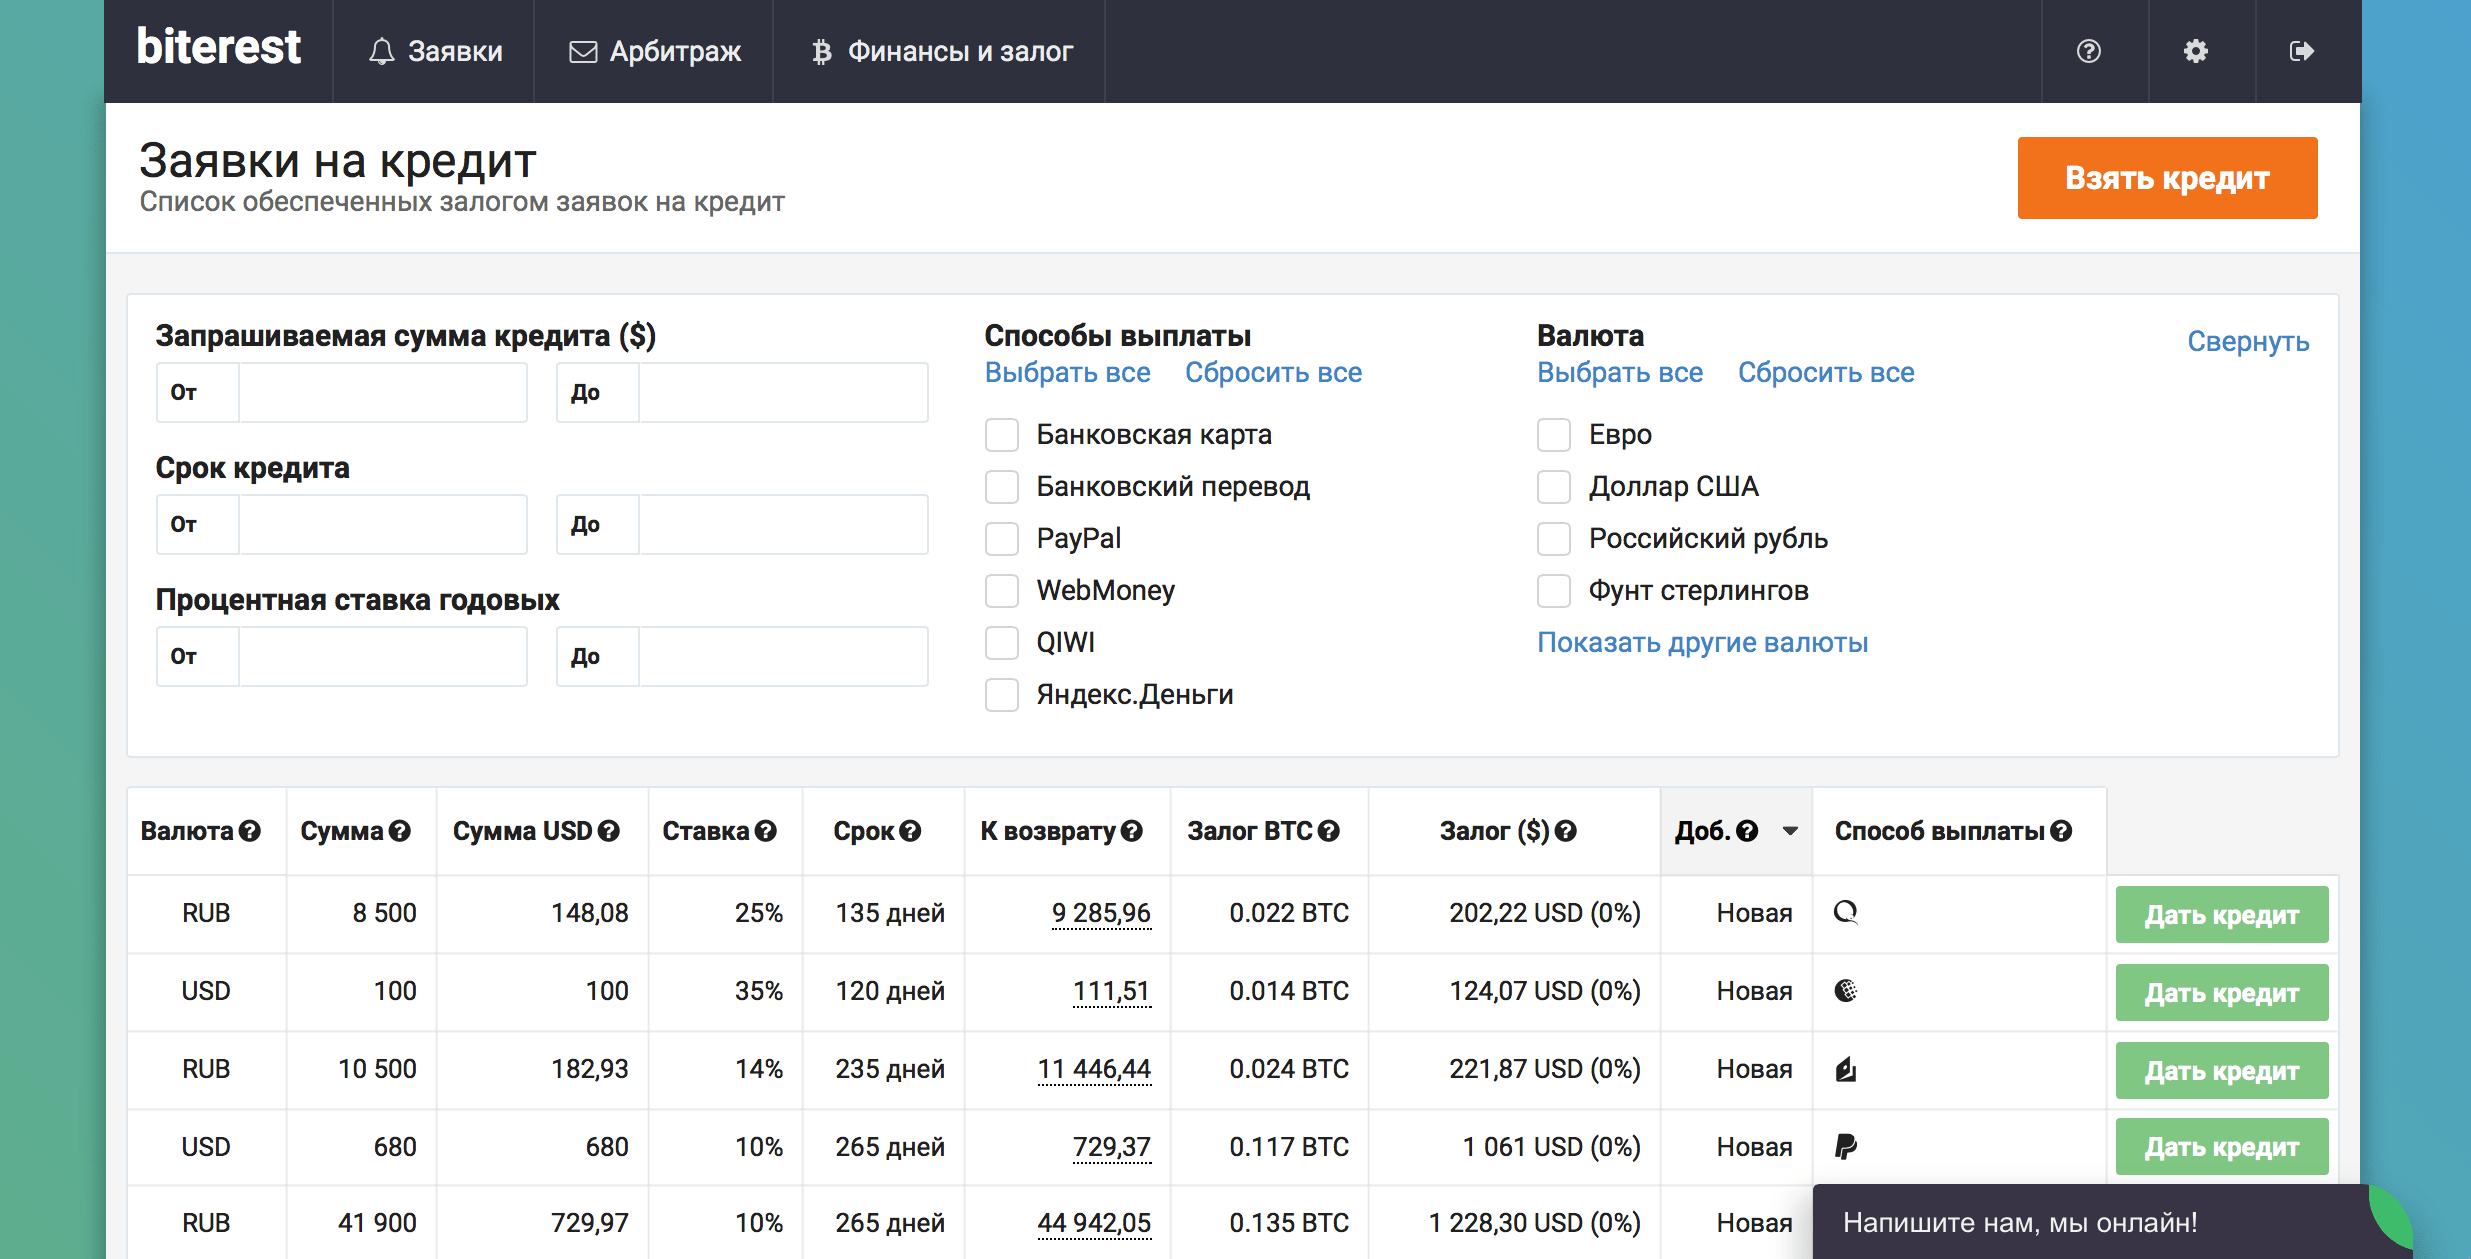 Как оформить заявку на Biterest?